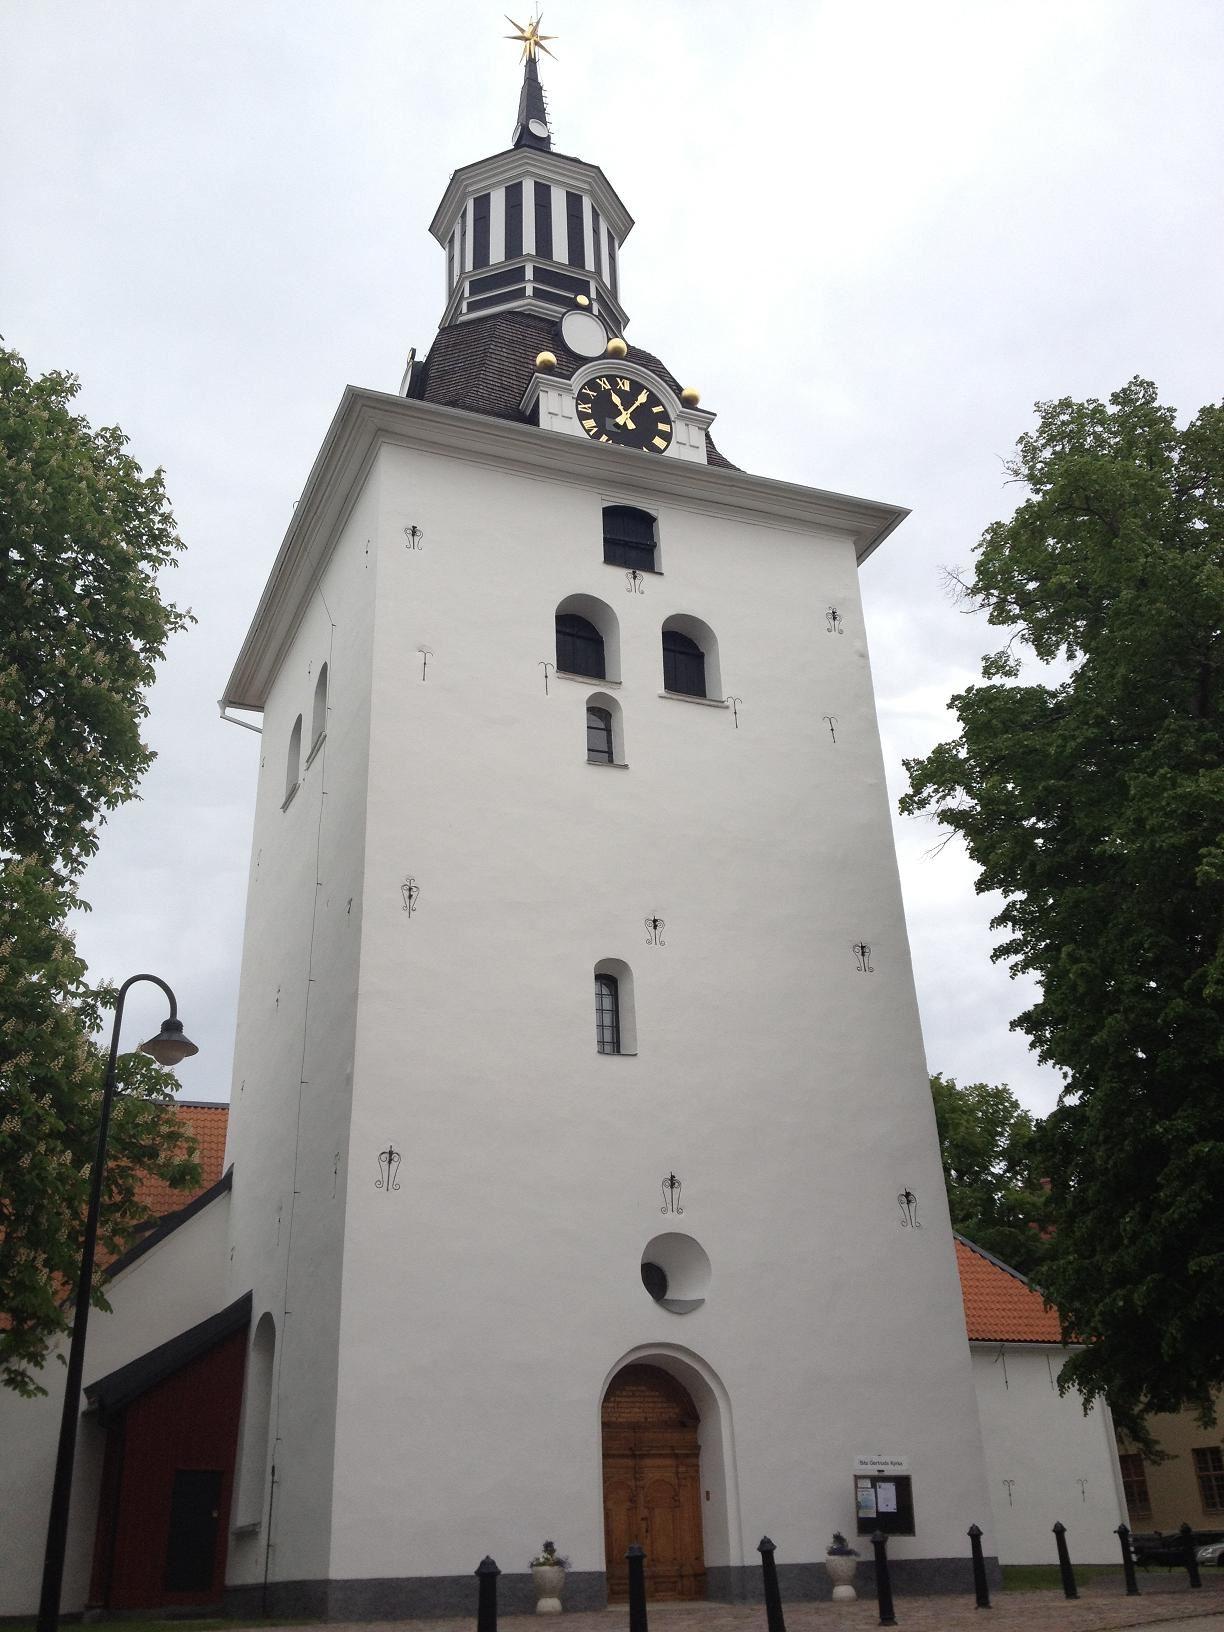 St:a Gertruds Kyrka (St:a Gertruds church)